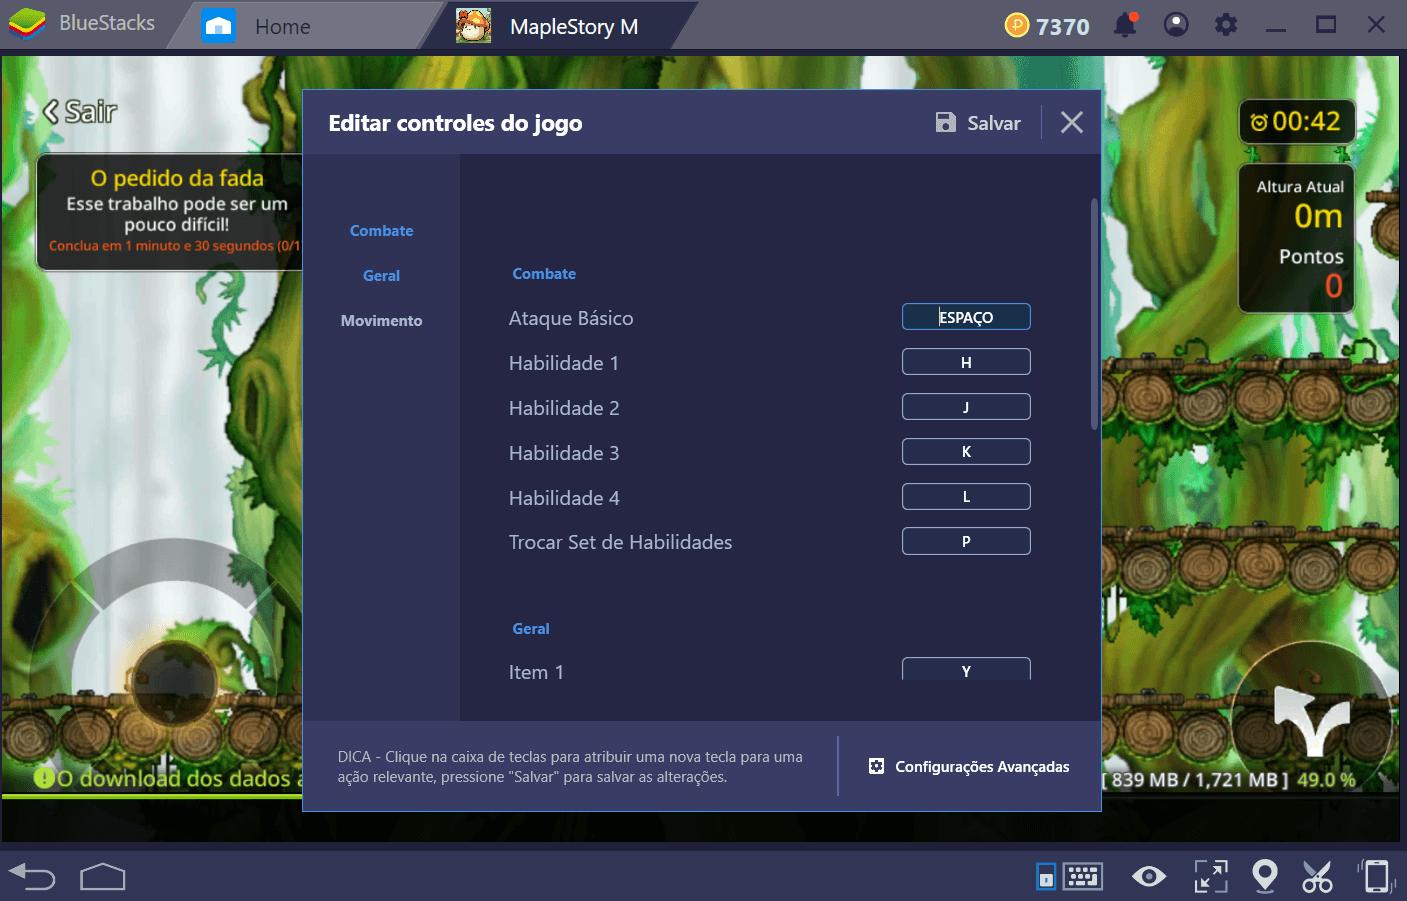 Combo Key em BlueStacks 4.2 – Grave e reproduza uma ação com apenas uma tecla.